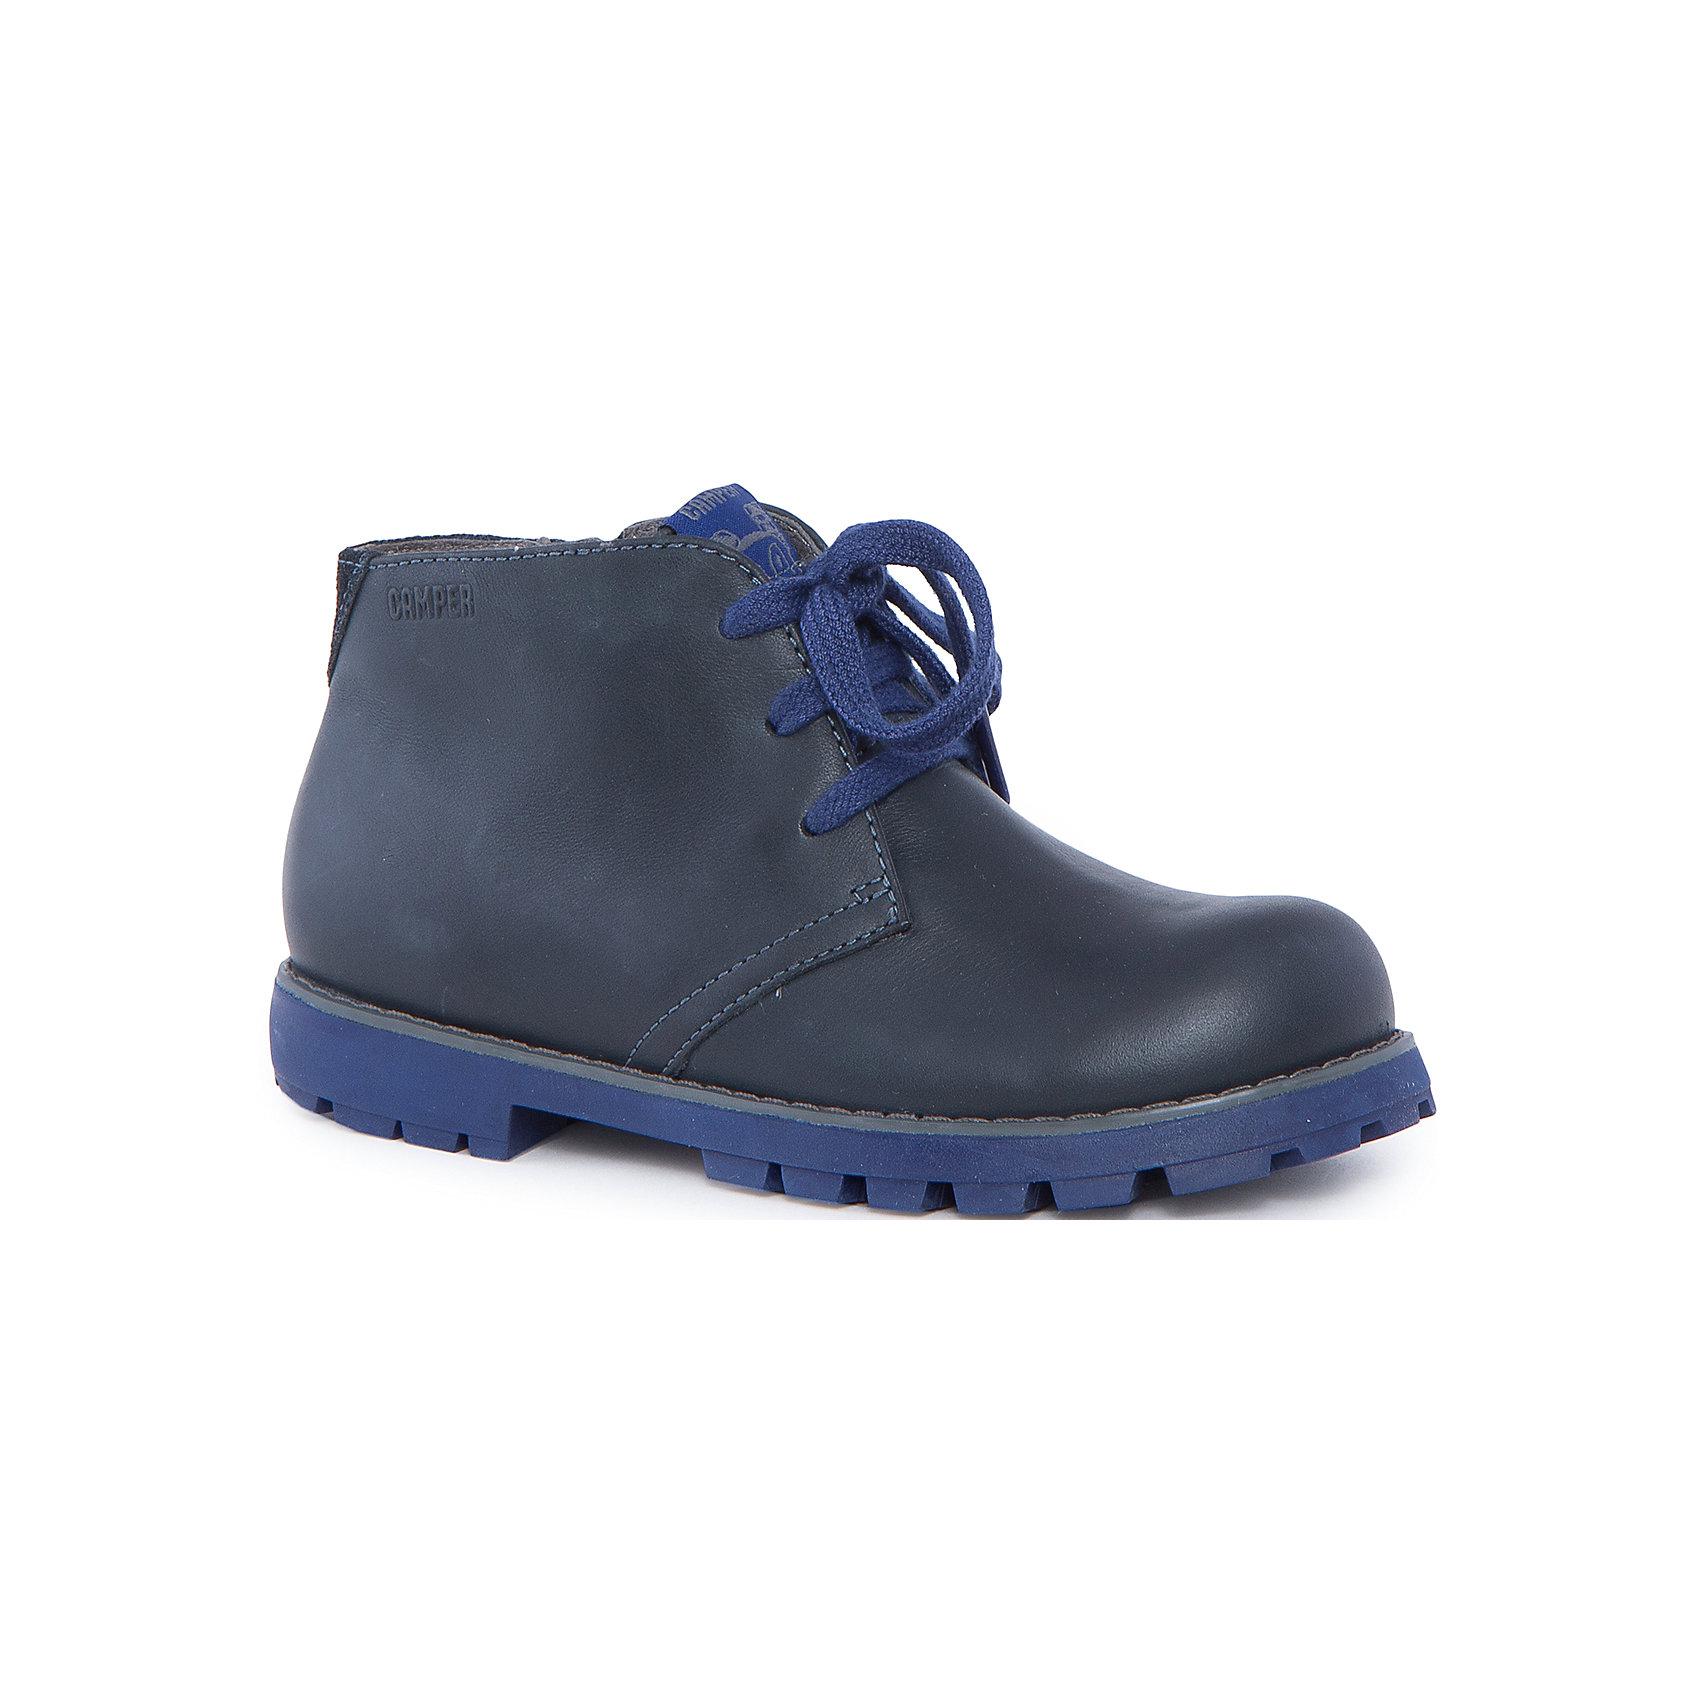 Ботинки для мальчика CamperБотинки<br>Характеристики:<br><br>• Предназначение: повседневная обувь<br>• Сезон: демисезонные<br>• Пол: для мальчика<br>• Цвет: синий, серый<br>• Материал верха и стельки: натуральная кожа<br>• Материал подошвы: резина<br>• Тип каблука и подошвы: каблук венский, рифленая подошва<br>• Тип застежки: шнурки, замок-молния боковая<br>• Уход: удаление загрязнений мягкой тканью<br><br>Ботинки для мальчика Camper изготовлены испанским торговым брендом, специализирующимся на производстве обуви премиум-класса. Детская обувь Camper учитывает анатомические особенности детской растущей ноги, поэтому она изготавливается исключительно из натуральной кожи. Ботинки выполнены из гладкой кожи, все элементы верха прошиты, имеется ортопедическая стелька. Эта модель ботинок выполнена с повышенными влагостойкими и антискользящими свойствами. Ботинки выполнены в дизайне детской линии от Camper – Compas, которая отличается классическим стилем и яркими атрибутами, высокой прочностью, износостойкостью и при этом легким весом и гибкостью. <br><br>Ботинки для мальчика Camper можно купить в нашем интернет-магазине.<br><br>Ширина мм: 262<br>Глубина мм: 176<br>Высота мм: 97<br>Вес г: 427<br>Цвет: серый<br>Возраст от месяцев: 156<br>Возраст до месяцев: 1188<br>Пол: Мужской<br>Возраст: Детский<br>Размер: 37,34,32,31,33,35,36,38<br>SKU: 4974943